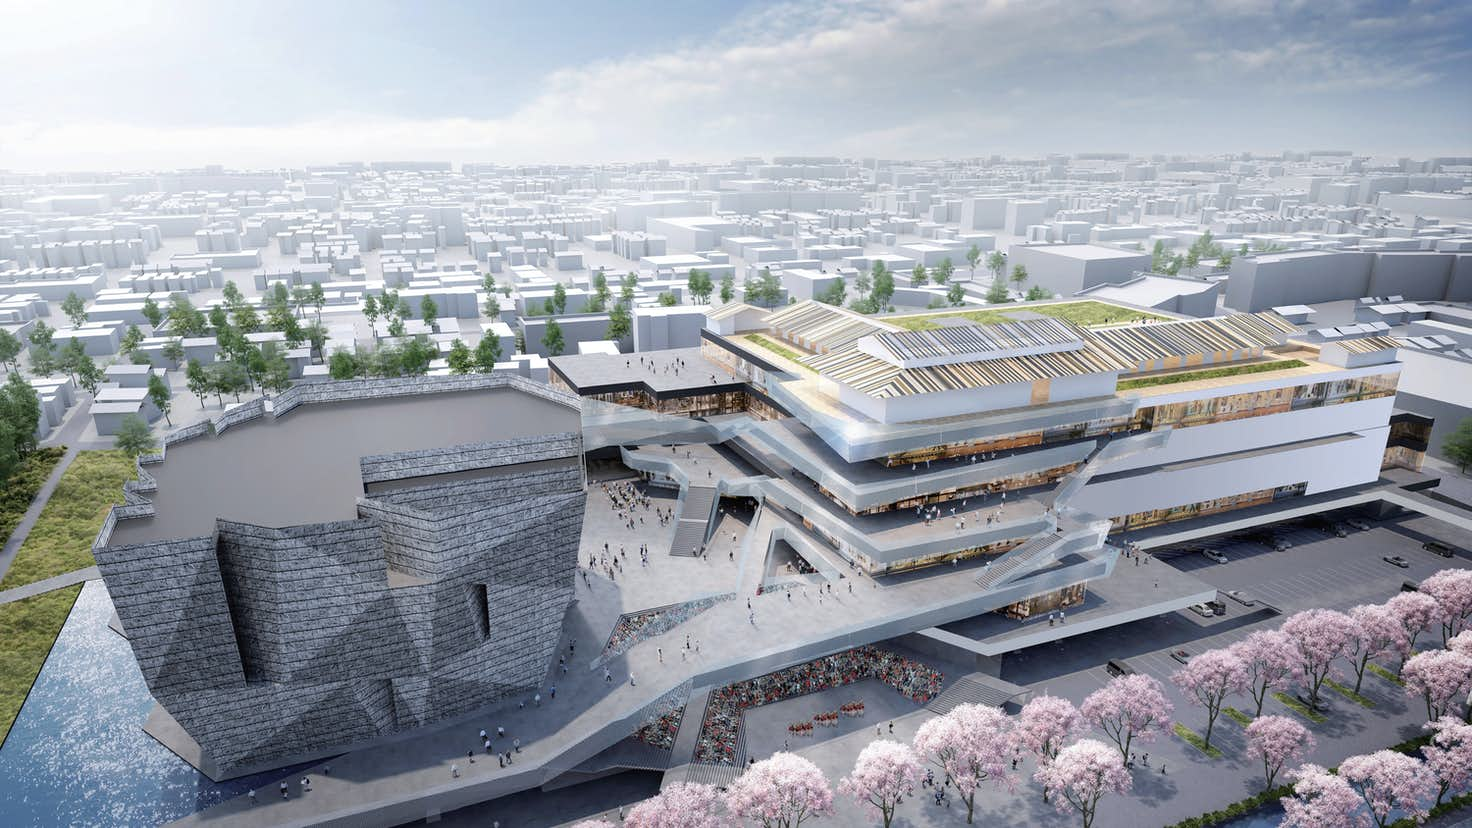 ところざわサクラタウン」とは何か? ランドマークは隈研吾設計の「角川武蔵野ミュージアム」|美術手帖